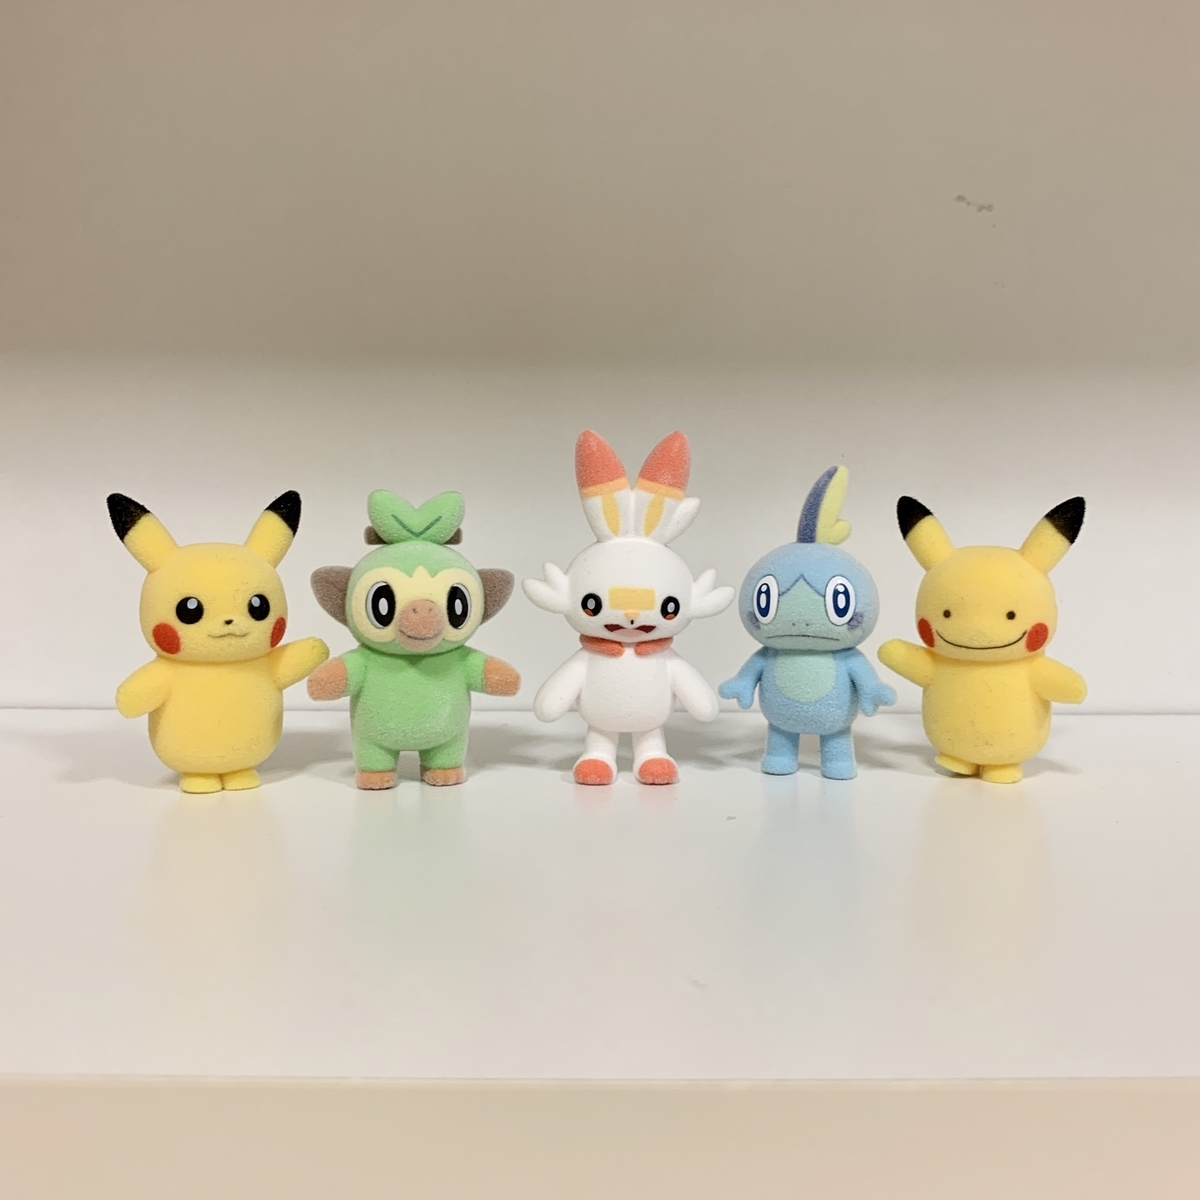 f:id:pikachu_pcn:20200905200345j:plain